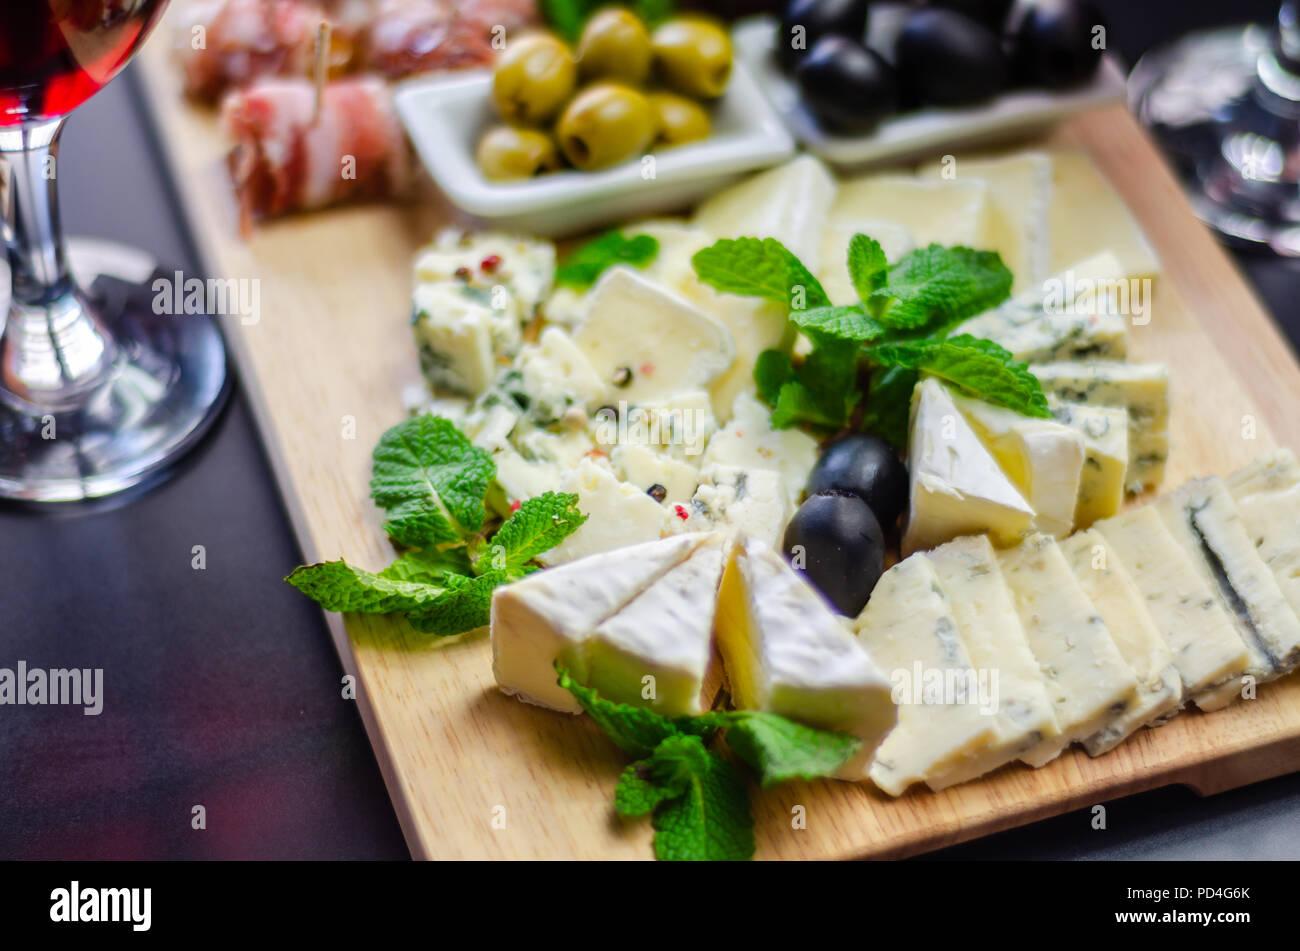 Satz von verschiedenen Käsesorten auf einem Holzbrett, Käseplatte, leckeren Snack, gesund und exklusive Essen, Käse set Stockbild